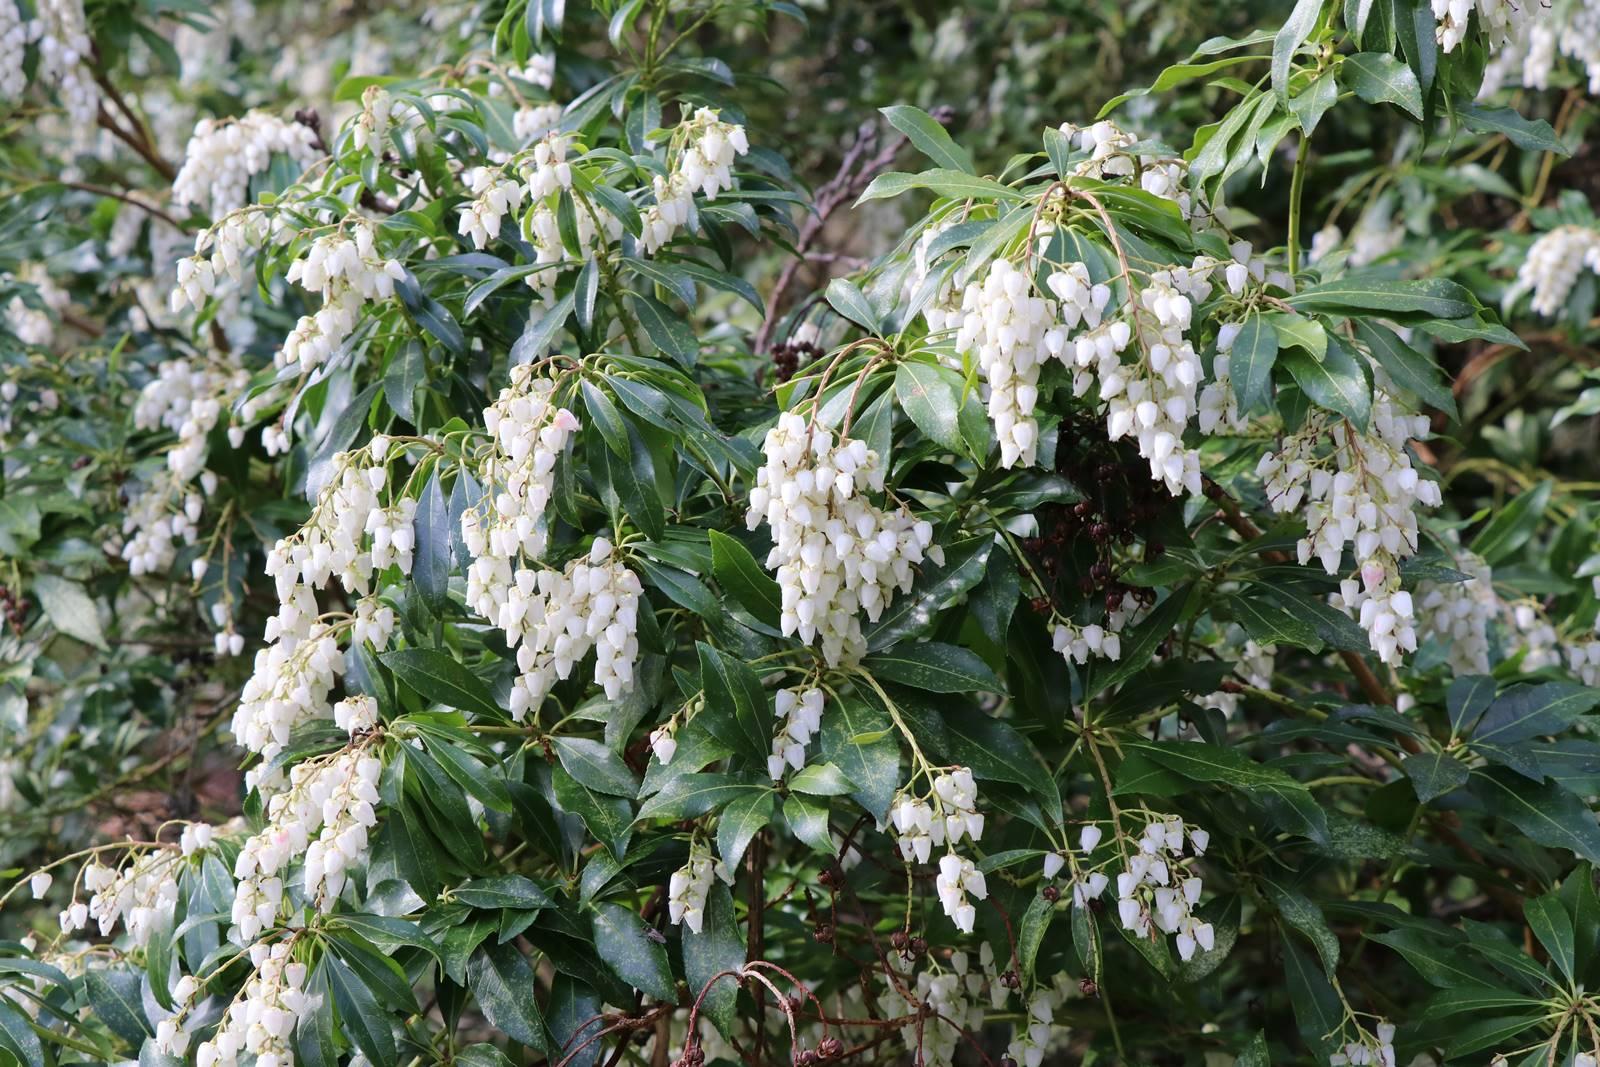 Pieris japonica Splendens